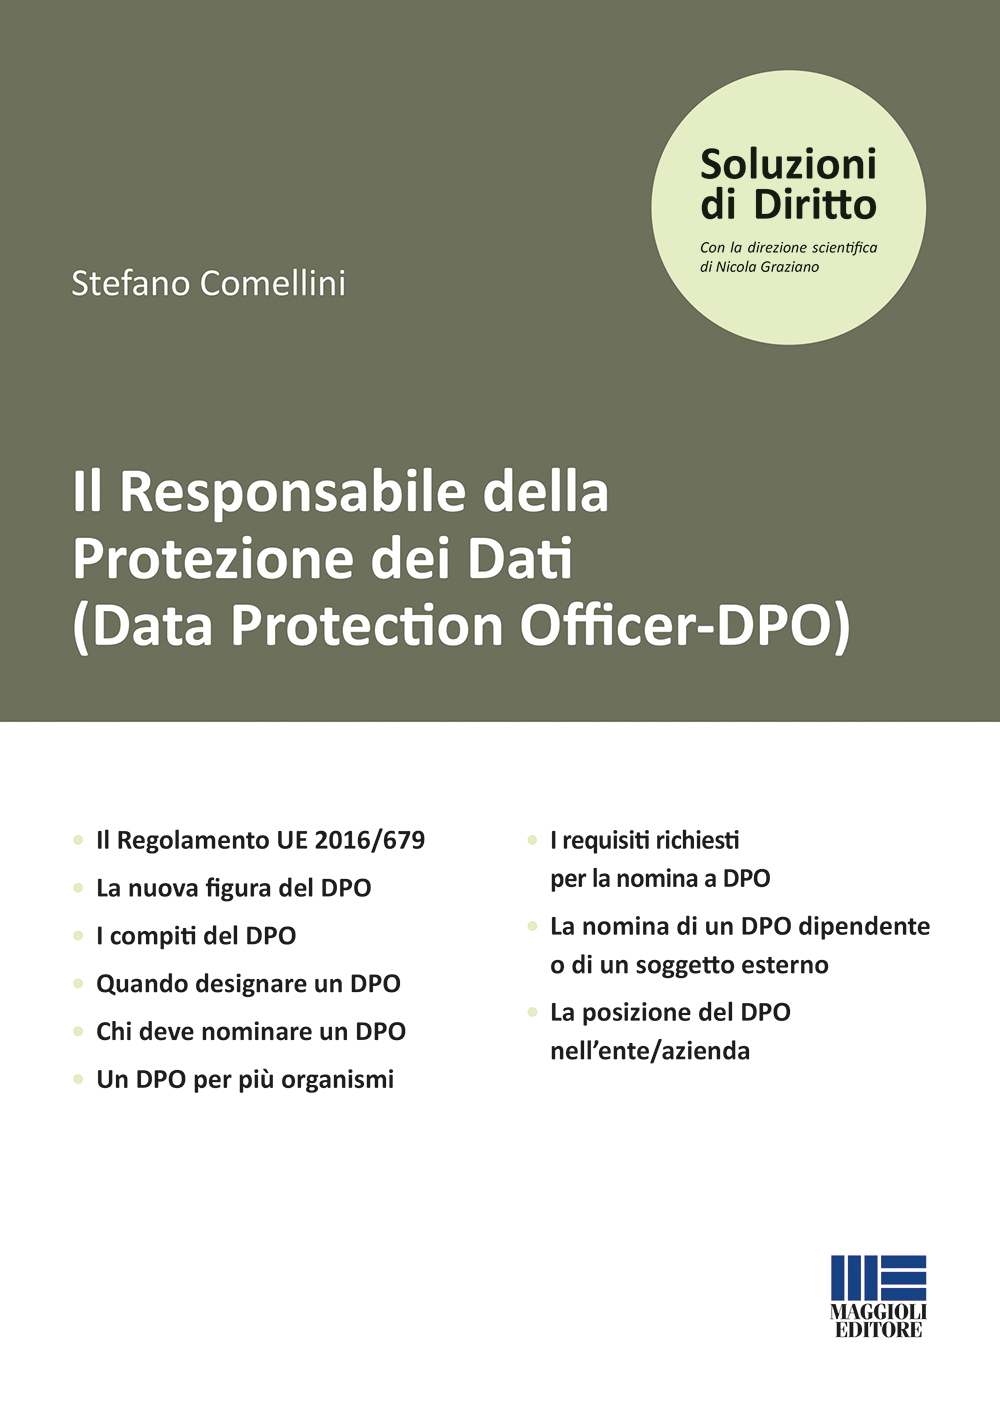 Il Responsabile della Protezione dei Dati (Data Protection Officer-DPO)